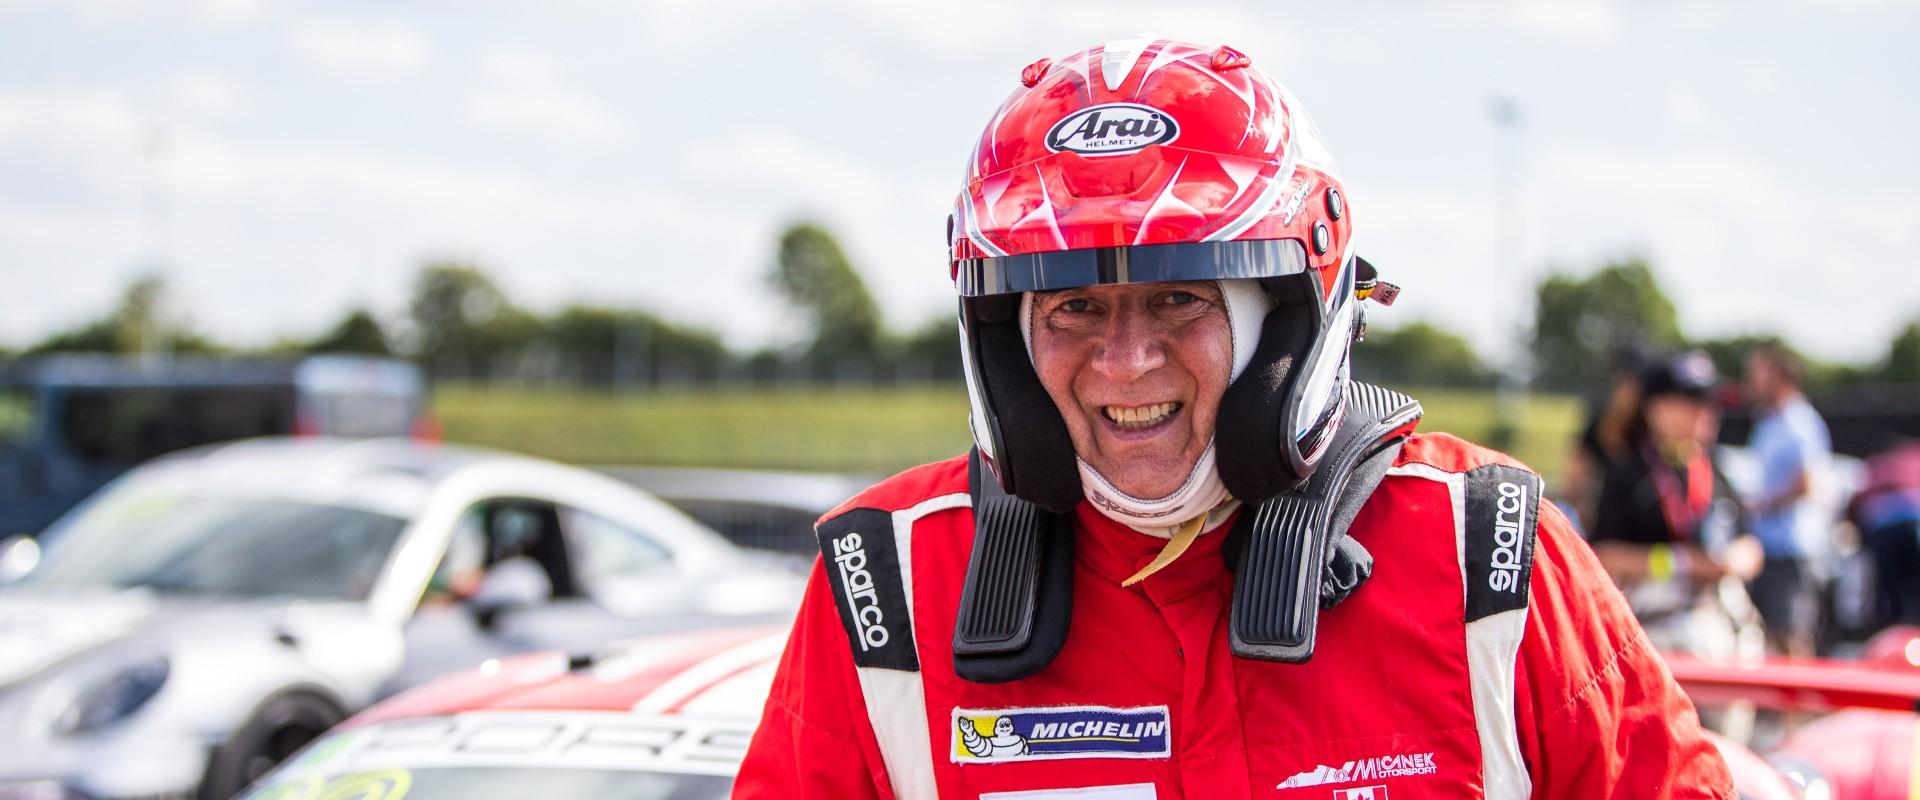 Nejcennější víkend Porsche Sports Cup: Šmarda chce v nočním závodu útočit na vítězství